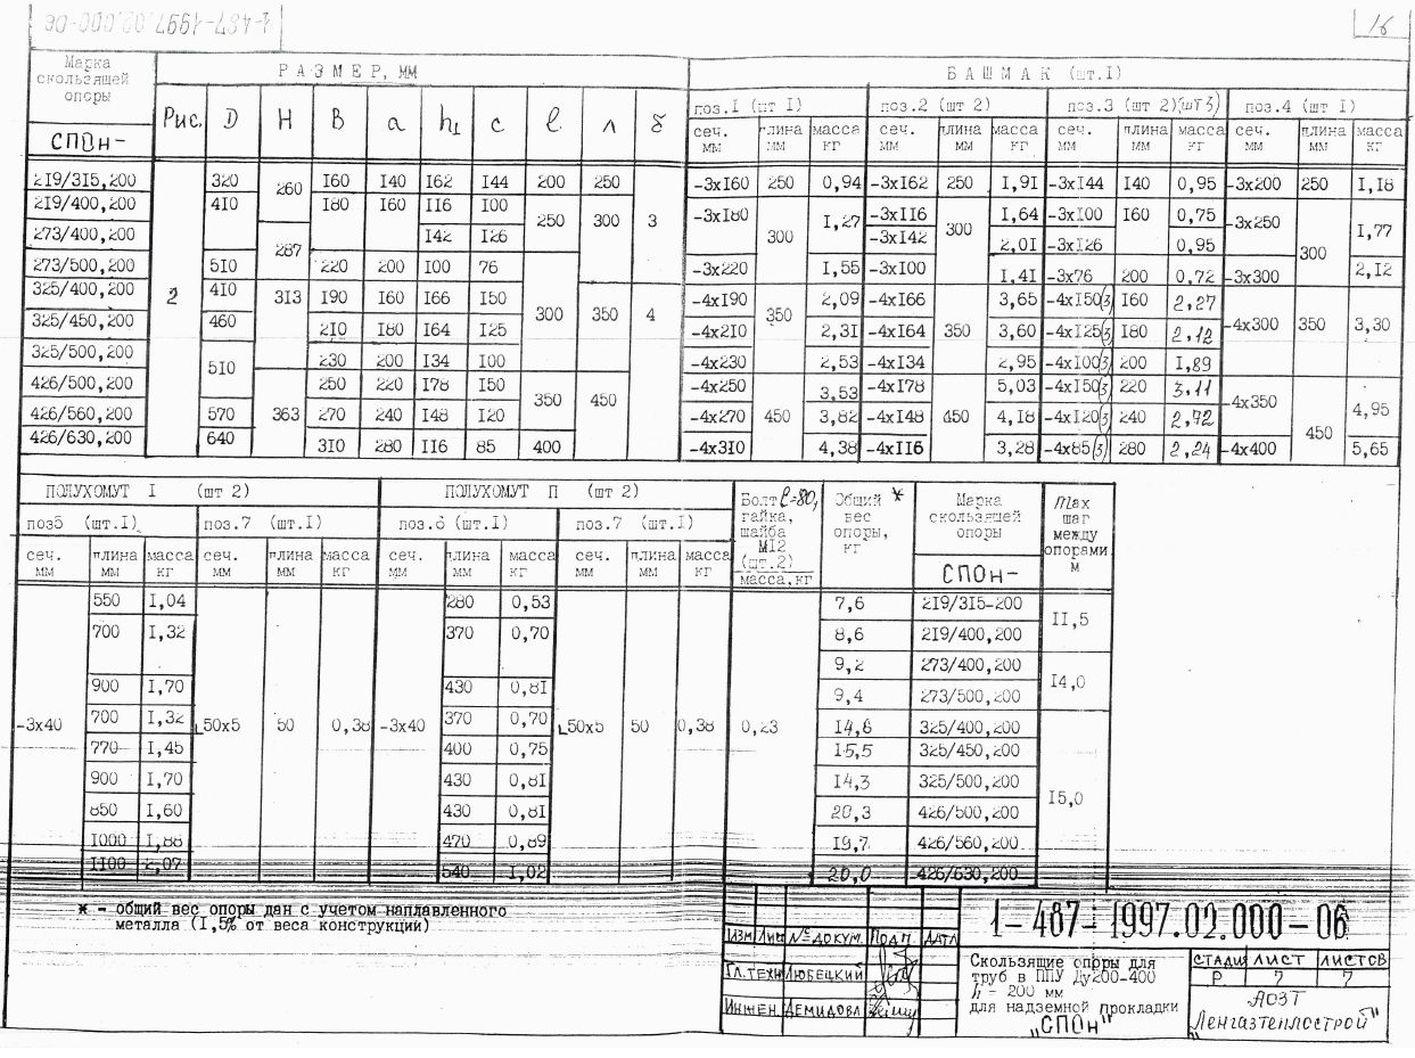 Опора СПОн ТД 1-487-1997.03.000-06 стр.4